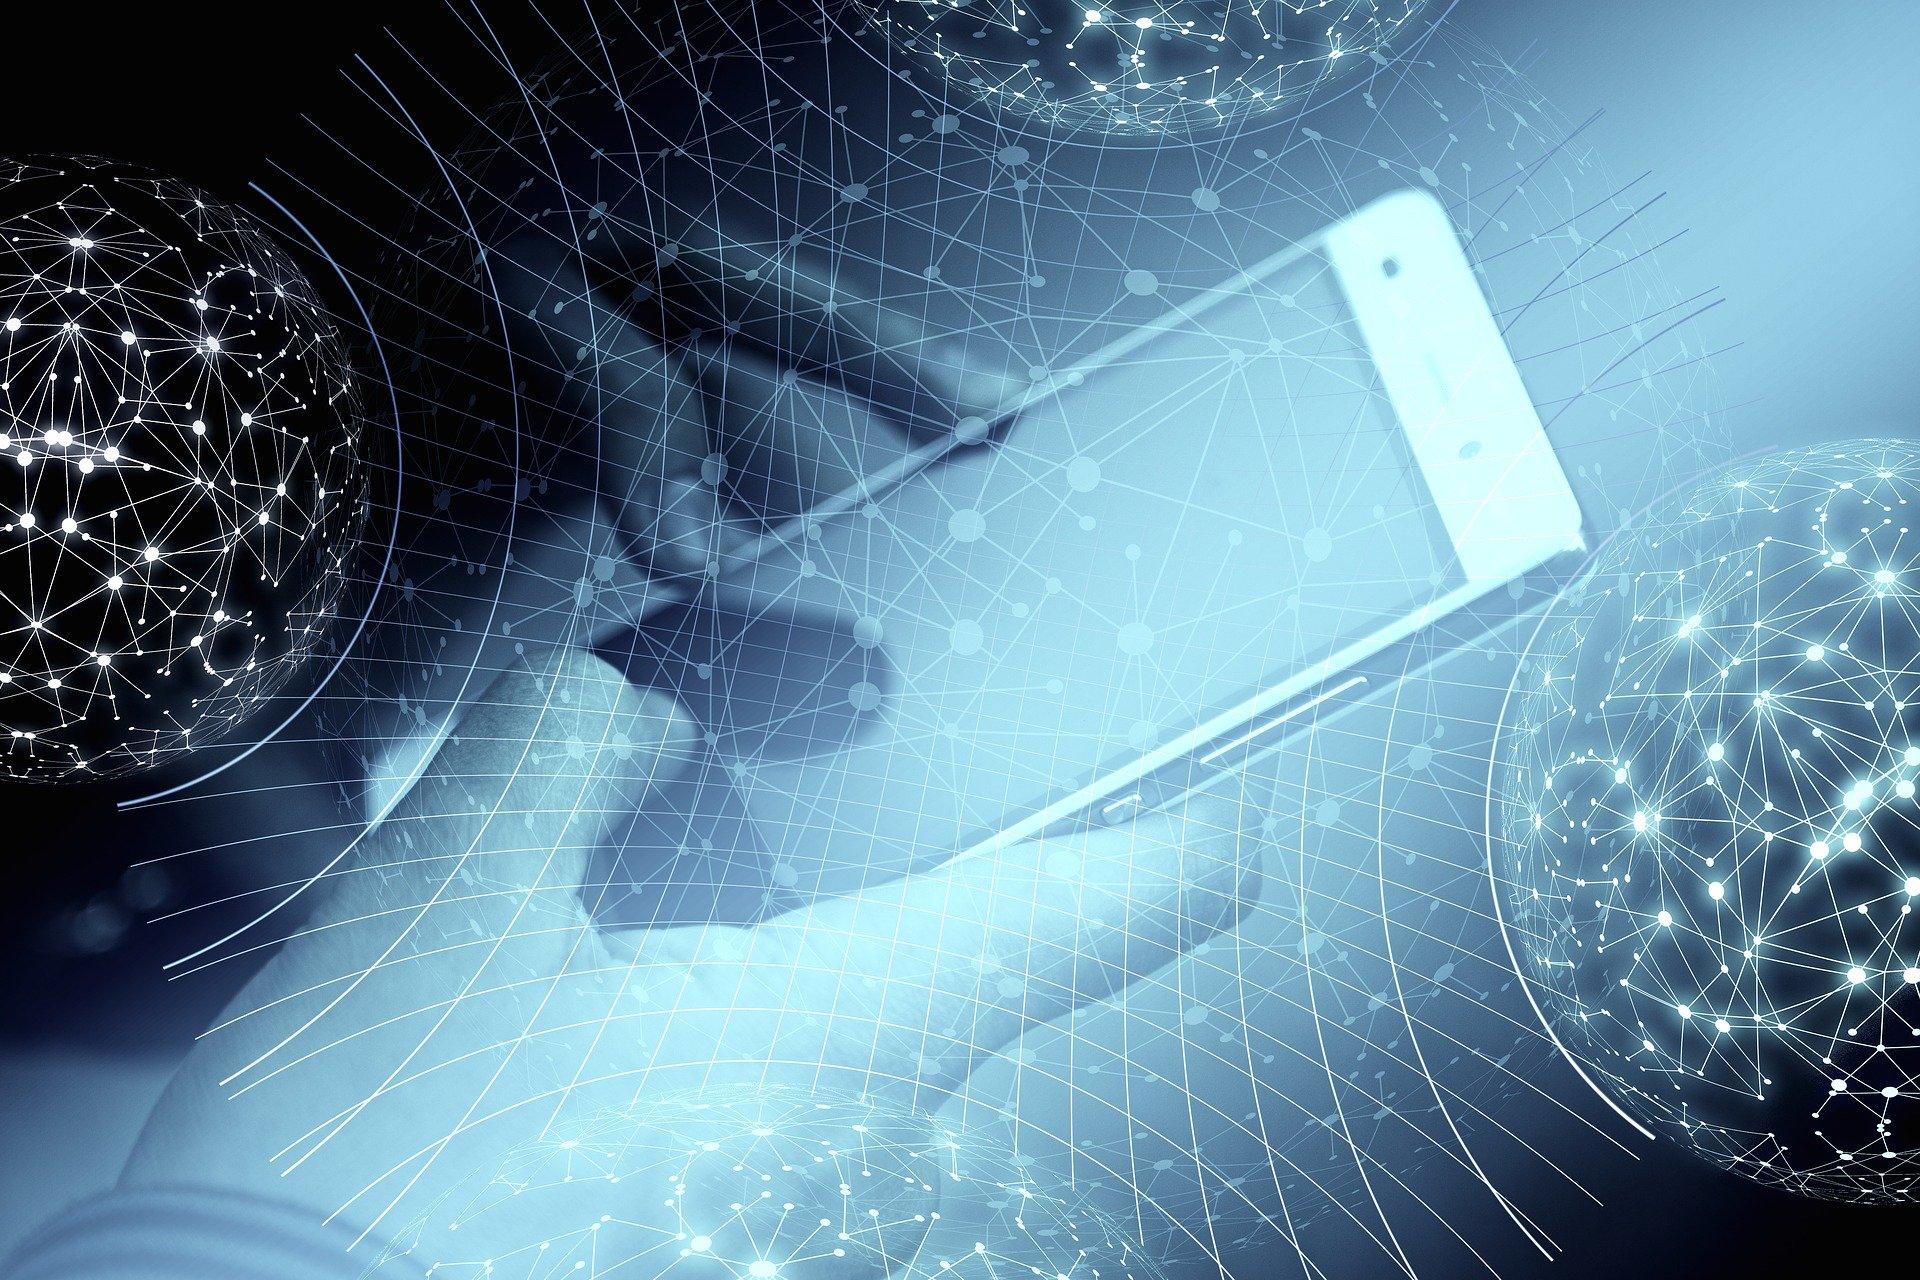 Anaxco Blog Beitrag Bild Hand hält Handy IT-Services IT-Dienstleister IT-Lösungen Cybersecurity Digitalisierung